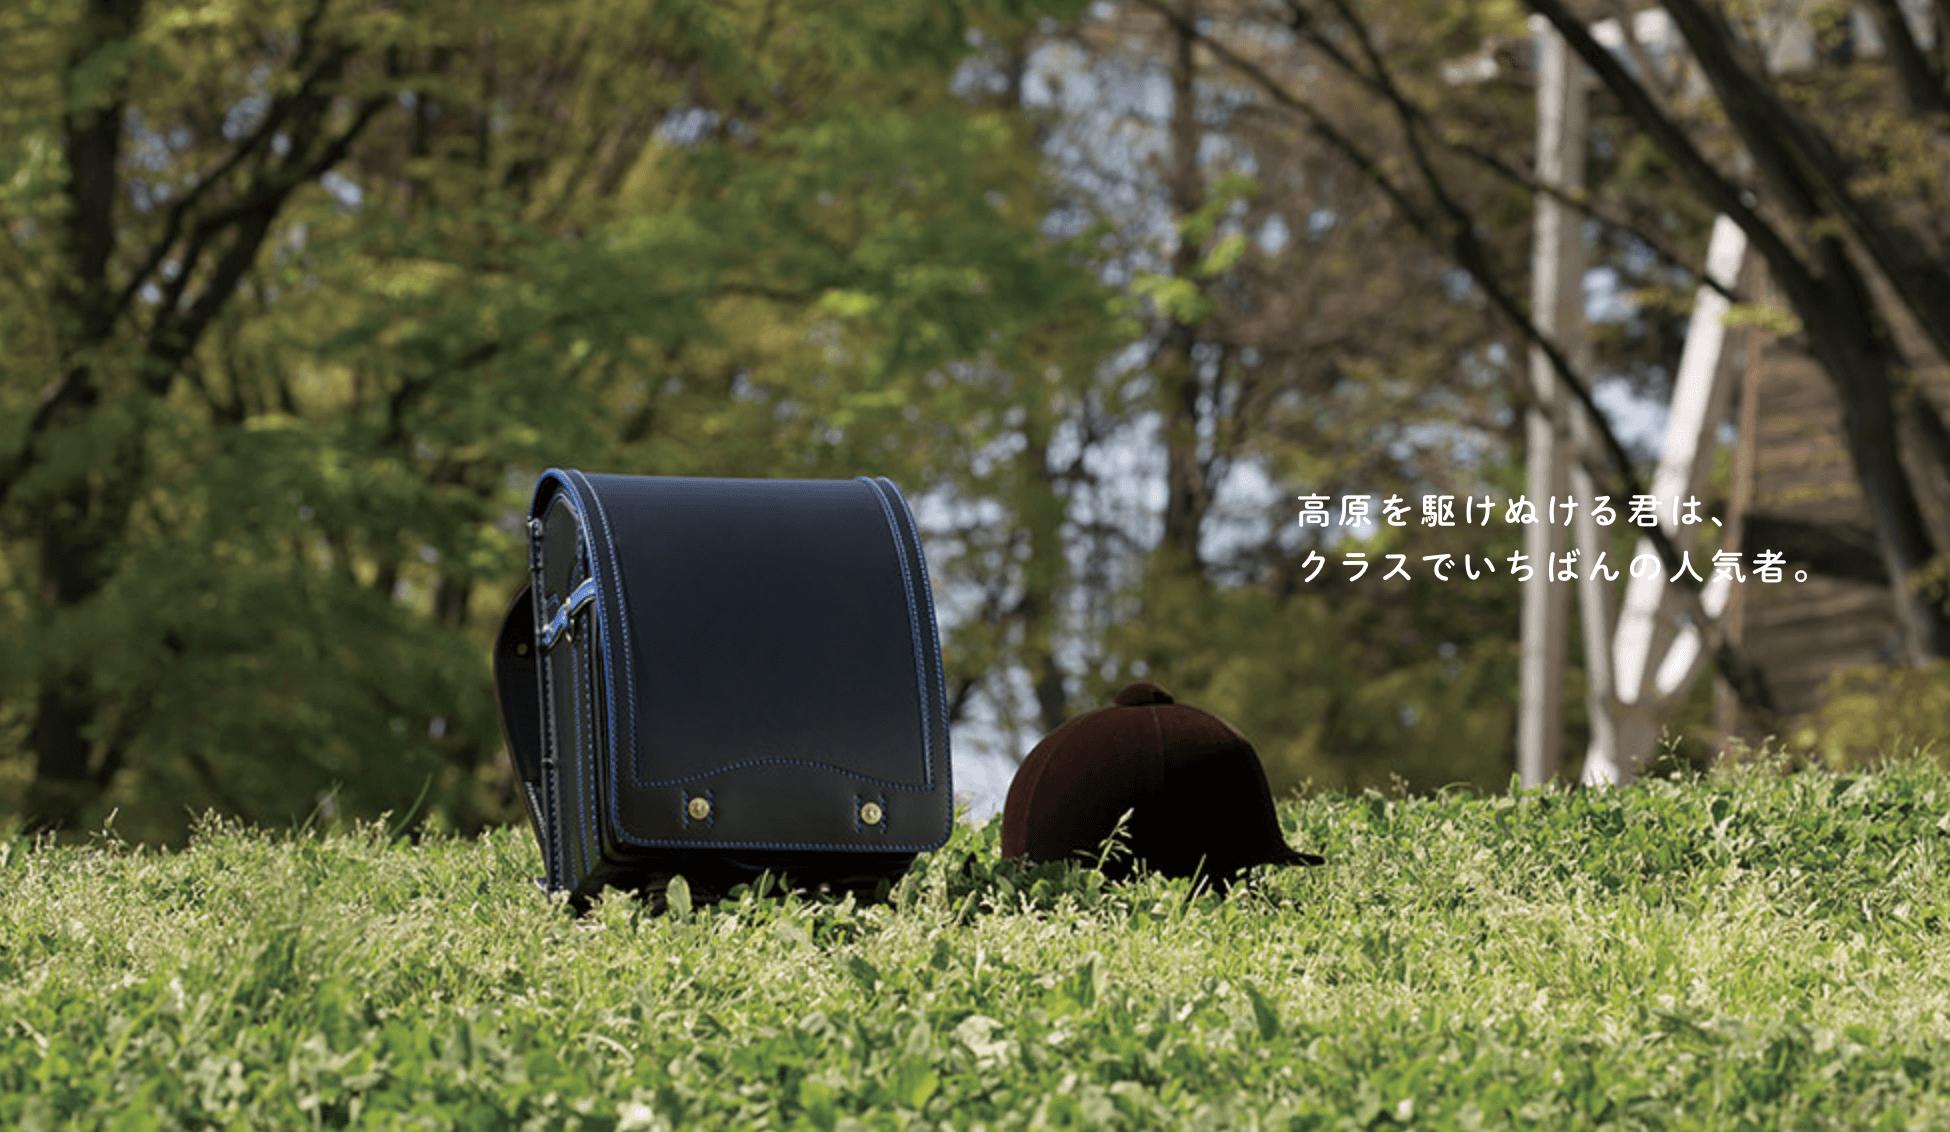 鞄工房山本「コードバン・レイブラック」2020年版